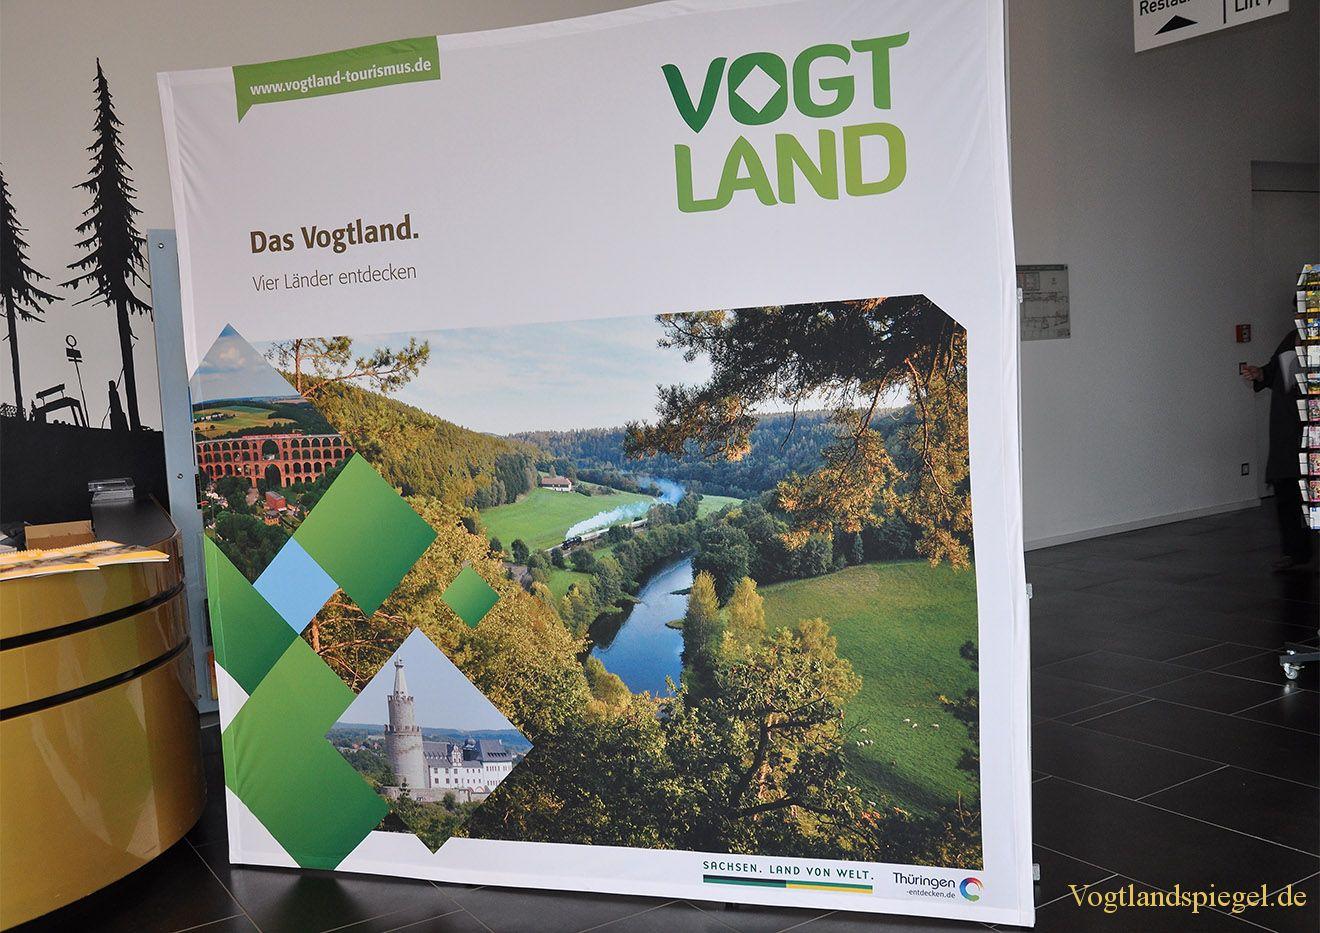 Fusion des sächsischen und des thüringischen Vogtland-Tourismusverbandes vollzogen